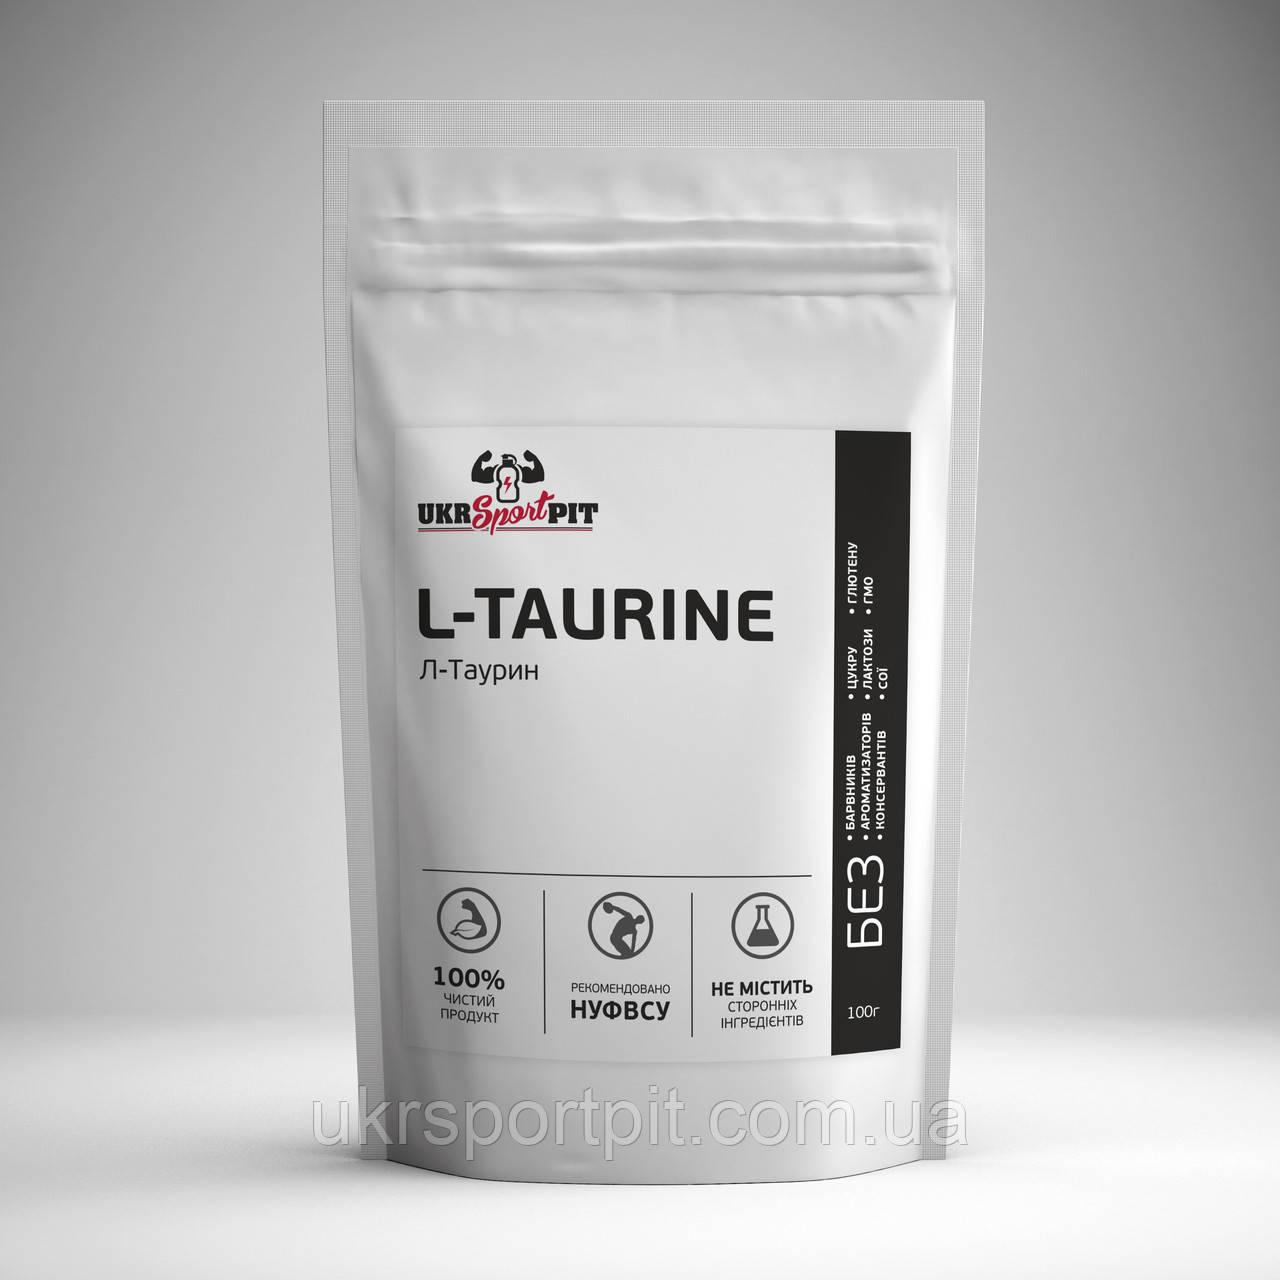 L-Taurine (Л-Таурин) 100 г - UkrSportPit - Спортивное Питание На Развес  в Киеве